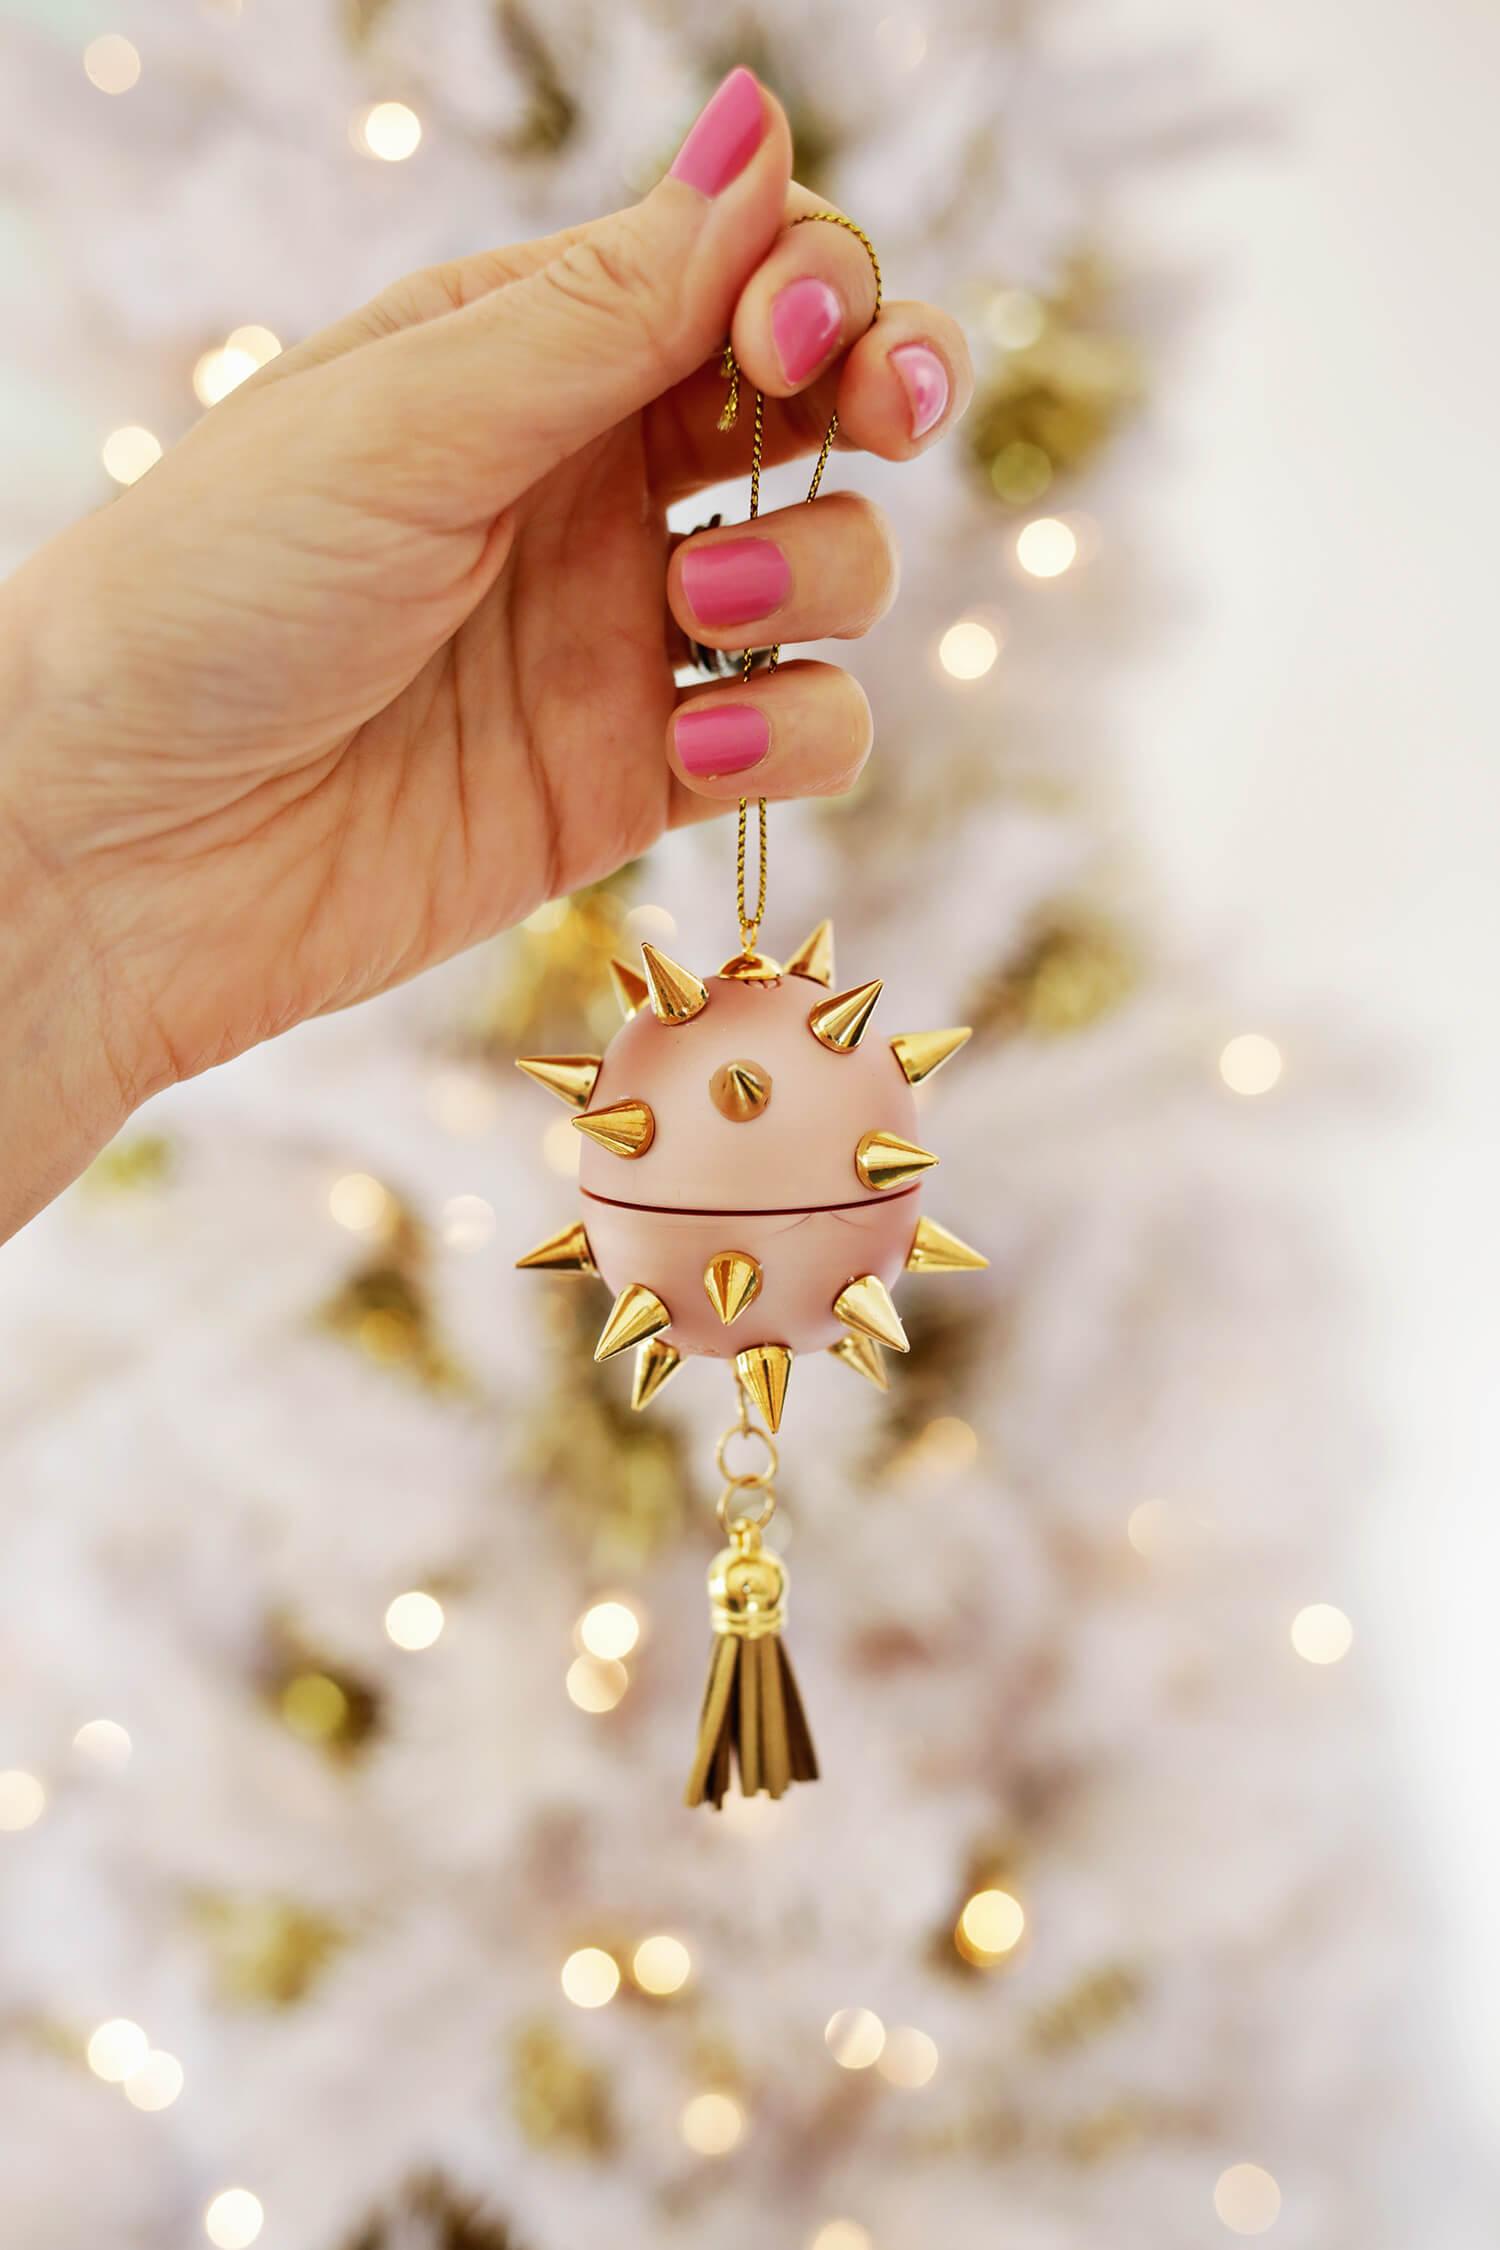 Lip-balm-ornament-idea